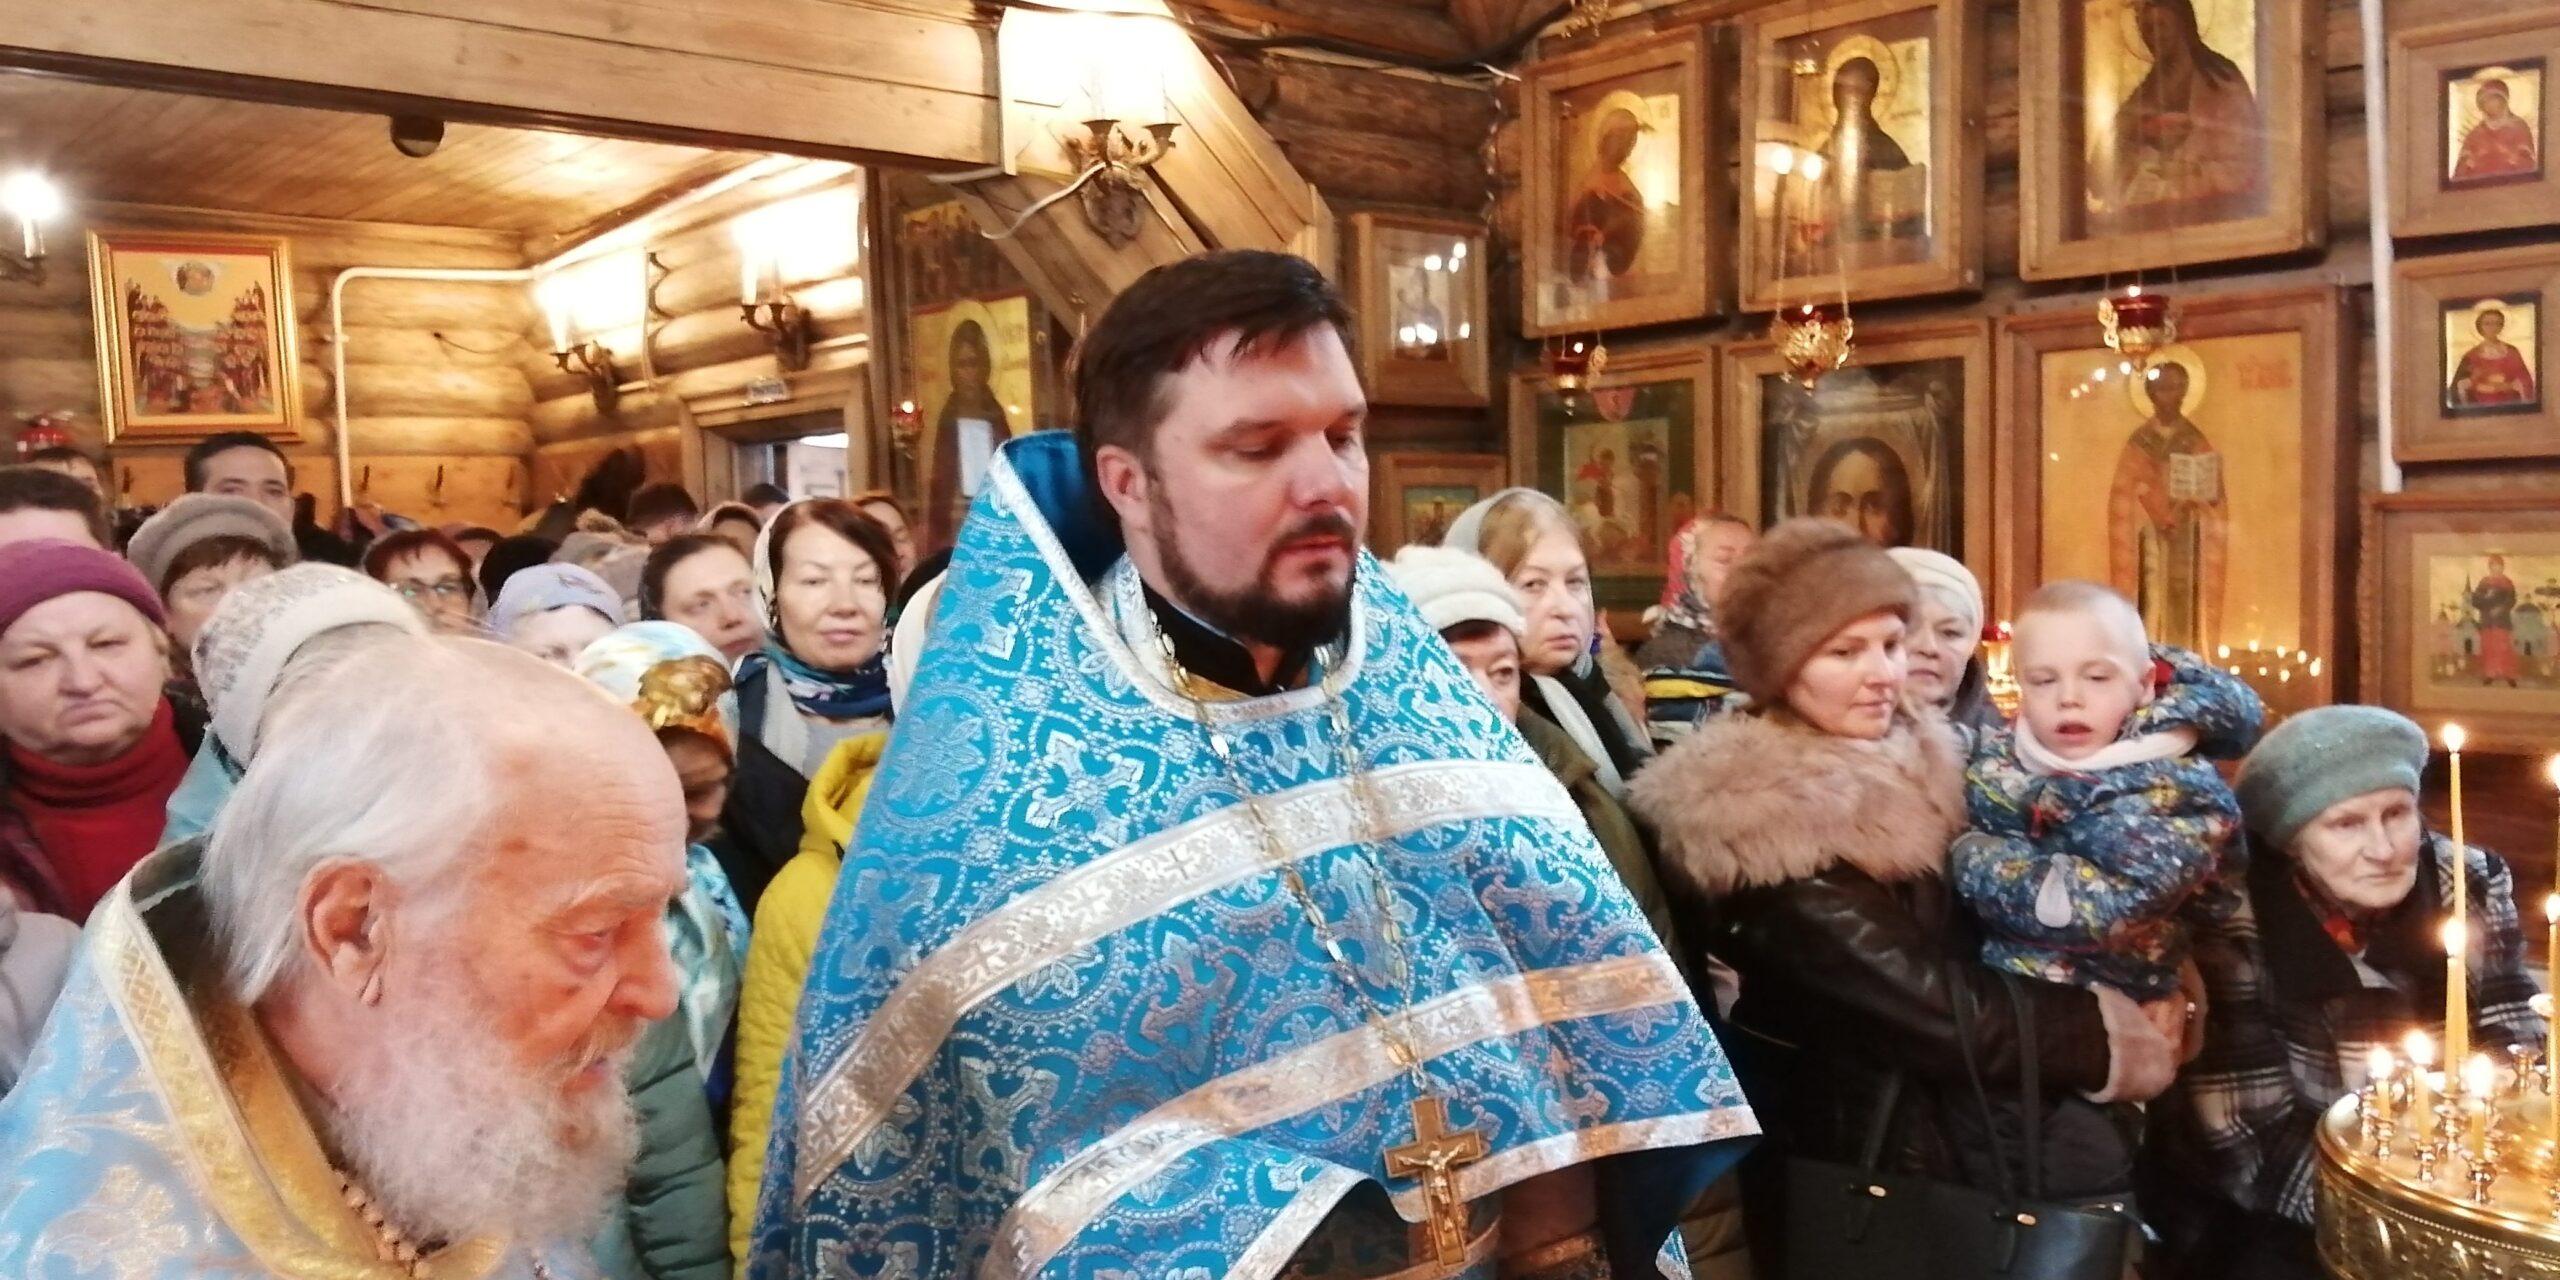 Праздник Введения во храм Пресвятой Владычицы нашей Богородицы и Приснодевы Марии